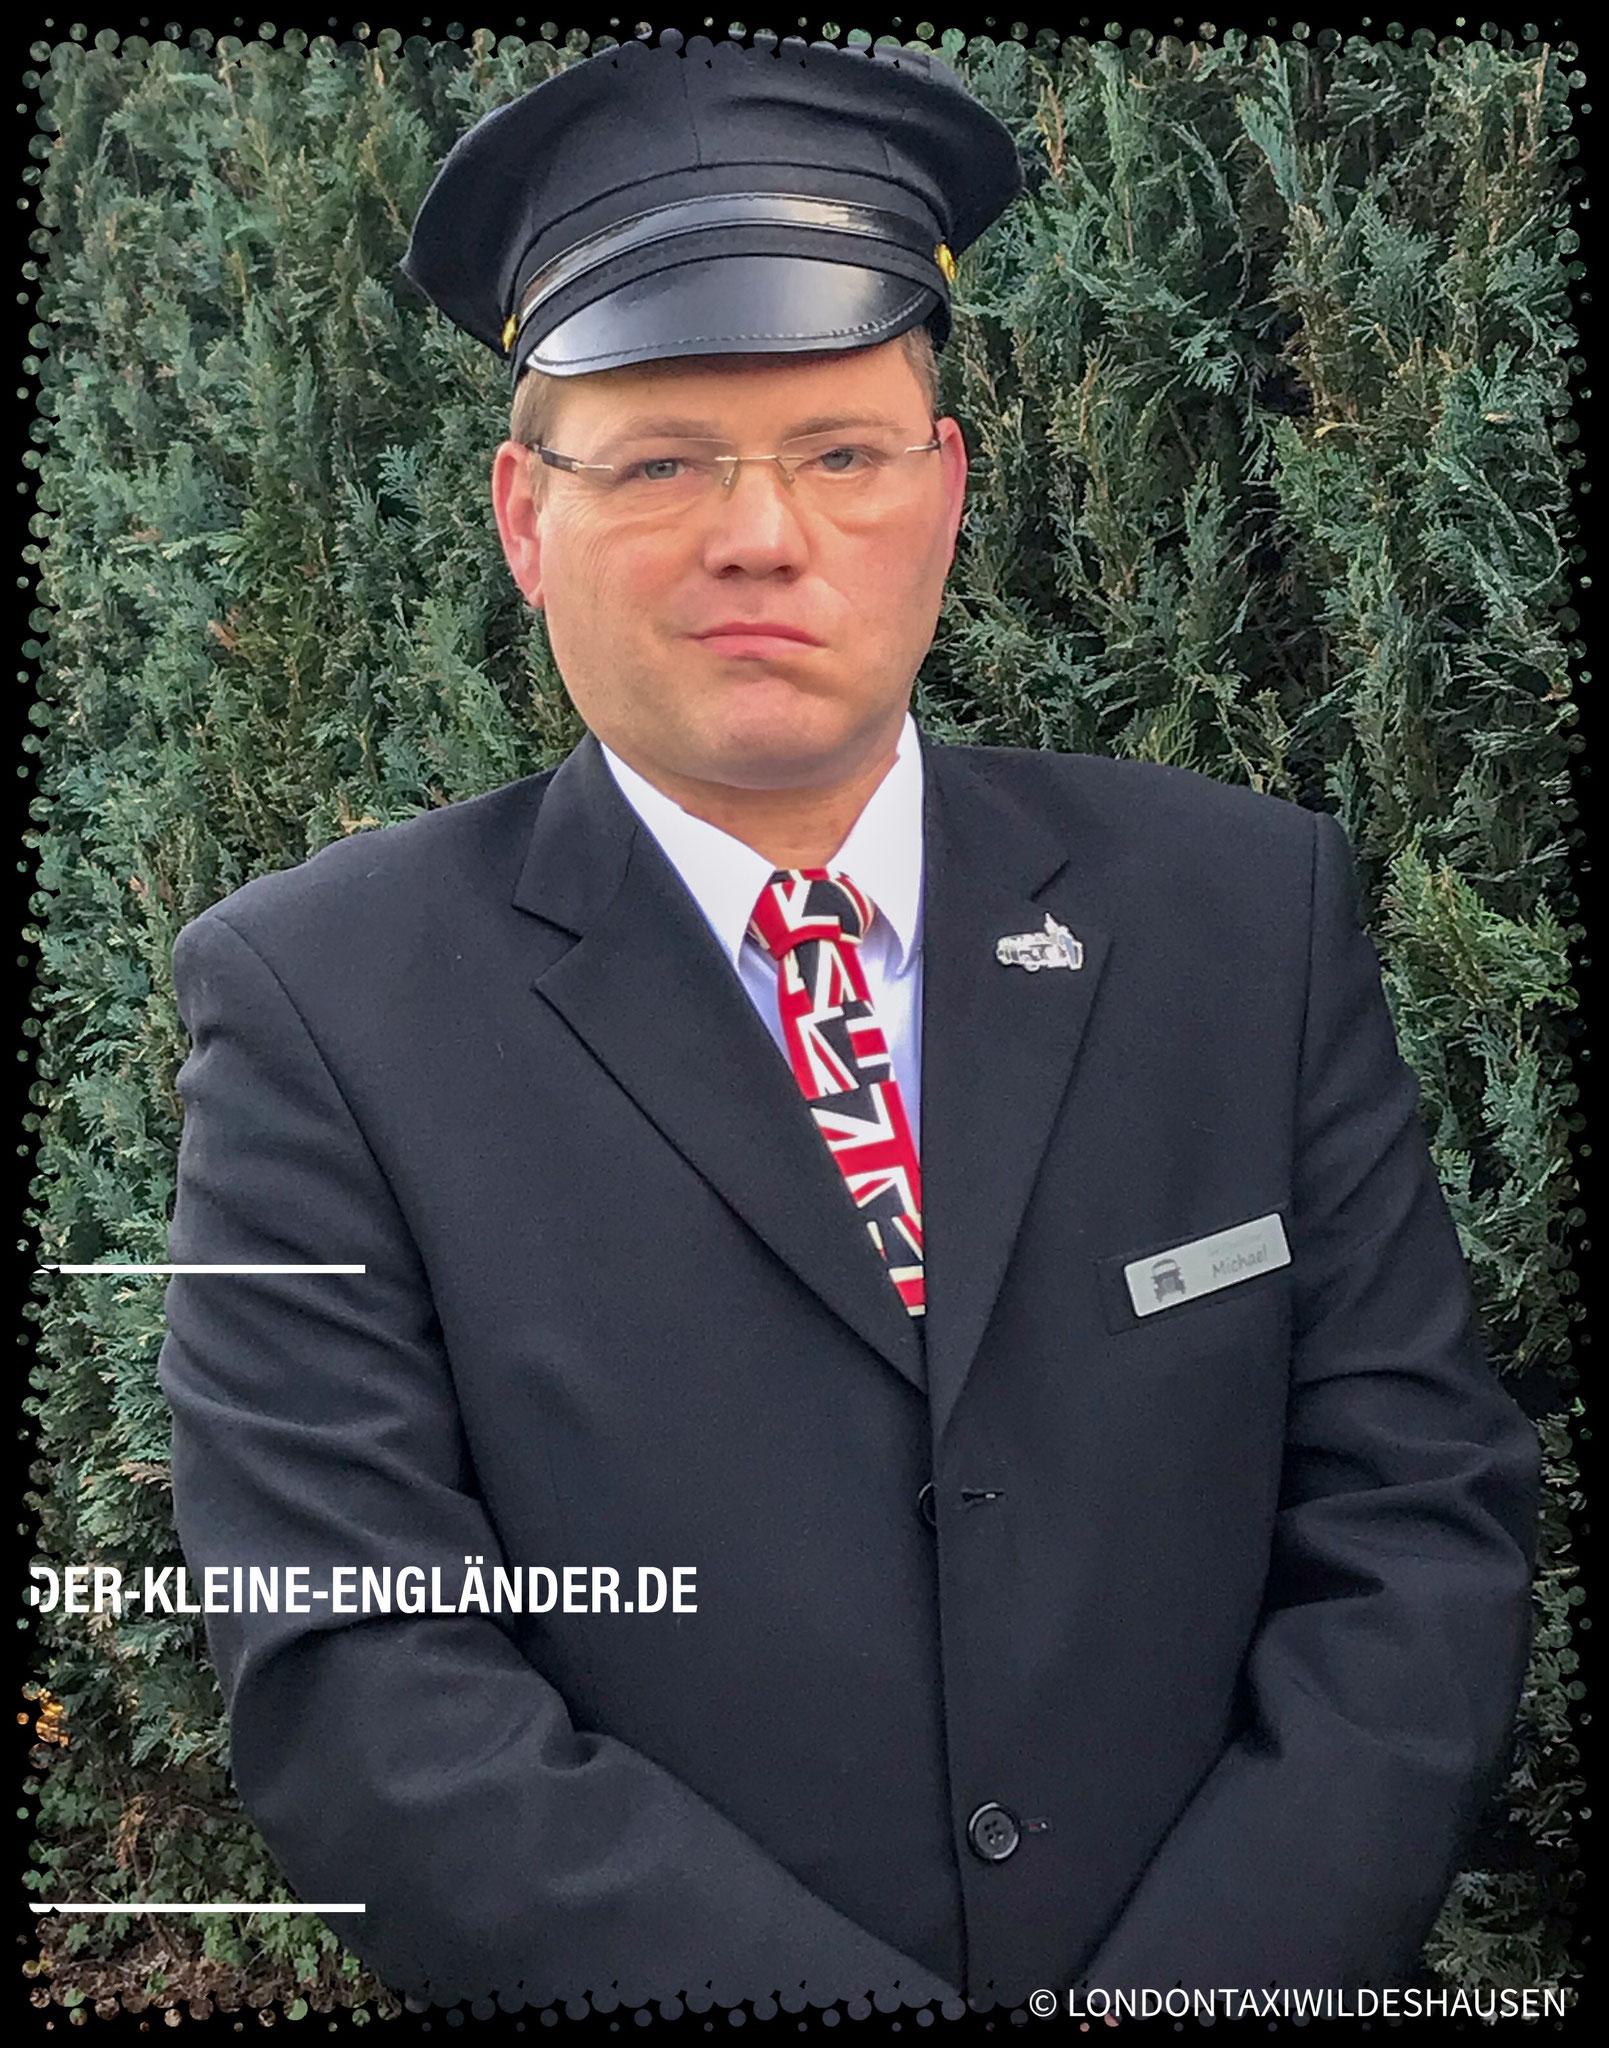 Chauffeur mit Union-Jack-Krawatte